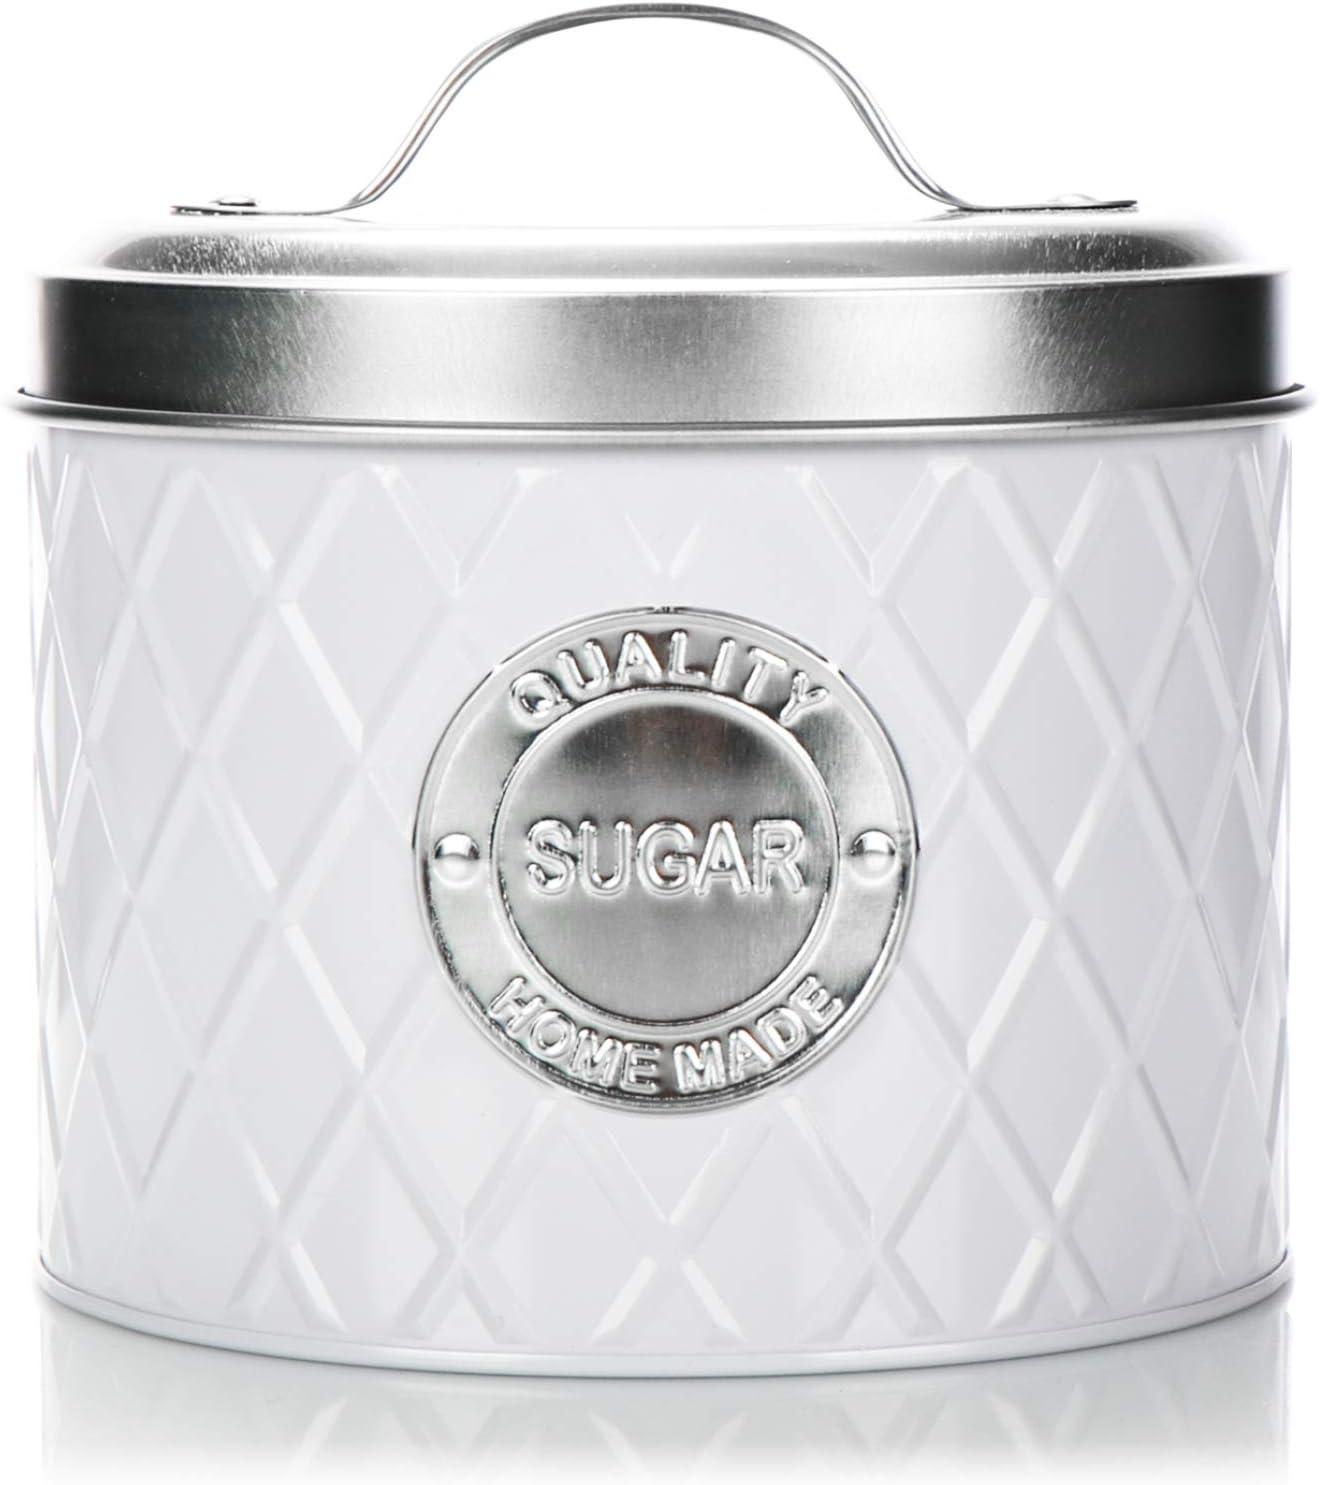 zuccheriera elegante barattolo salvafreschezza COM-FOUR/®SUGAR barattolo con coperchio contenitore per zucchero 1 pezzo - bianco